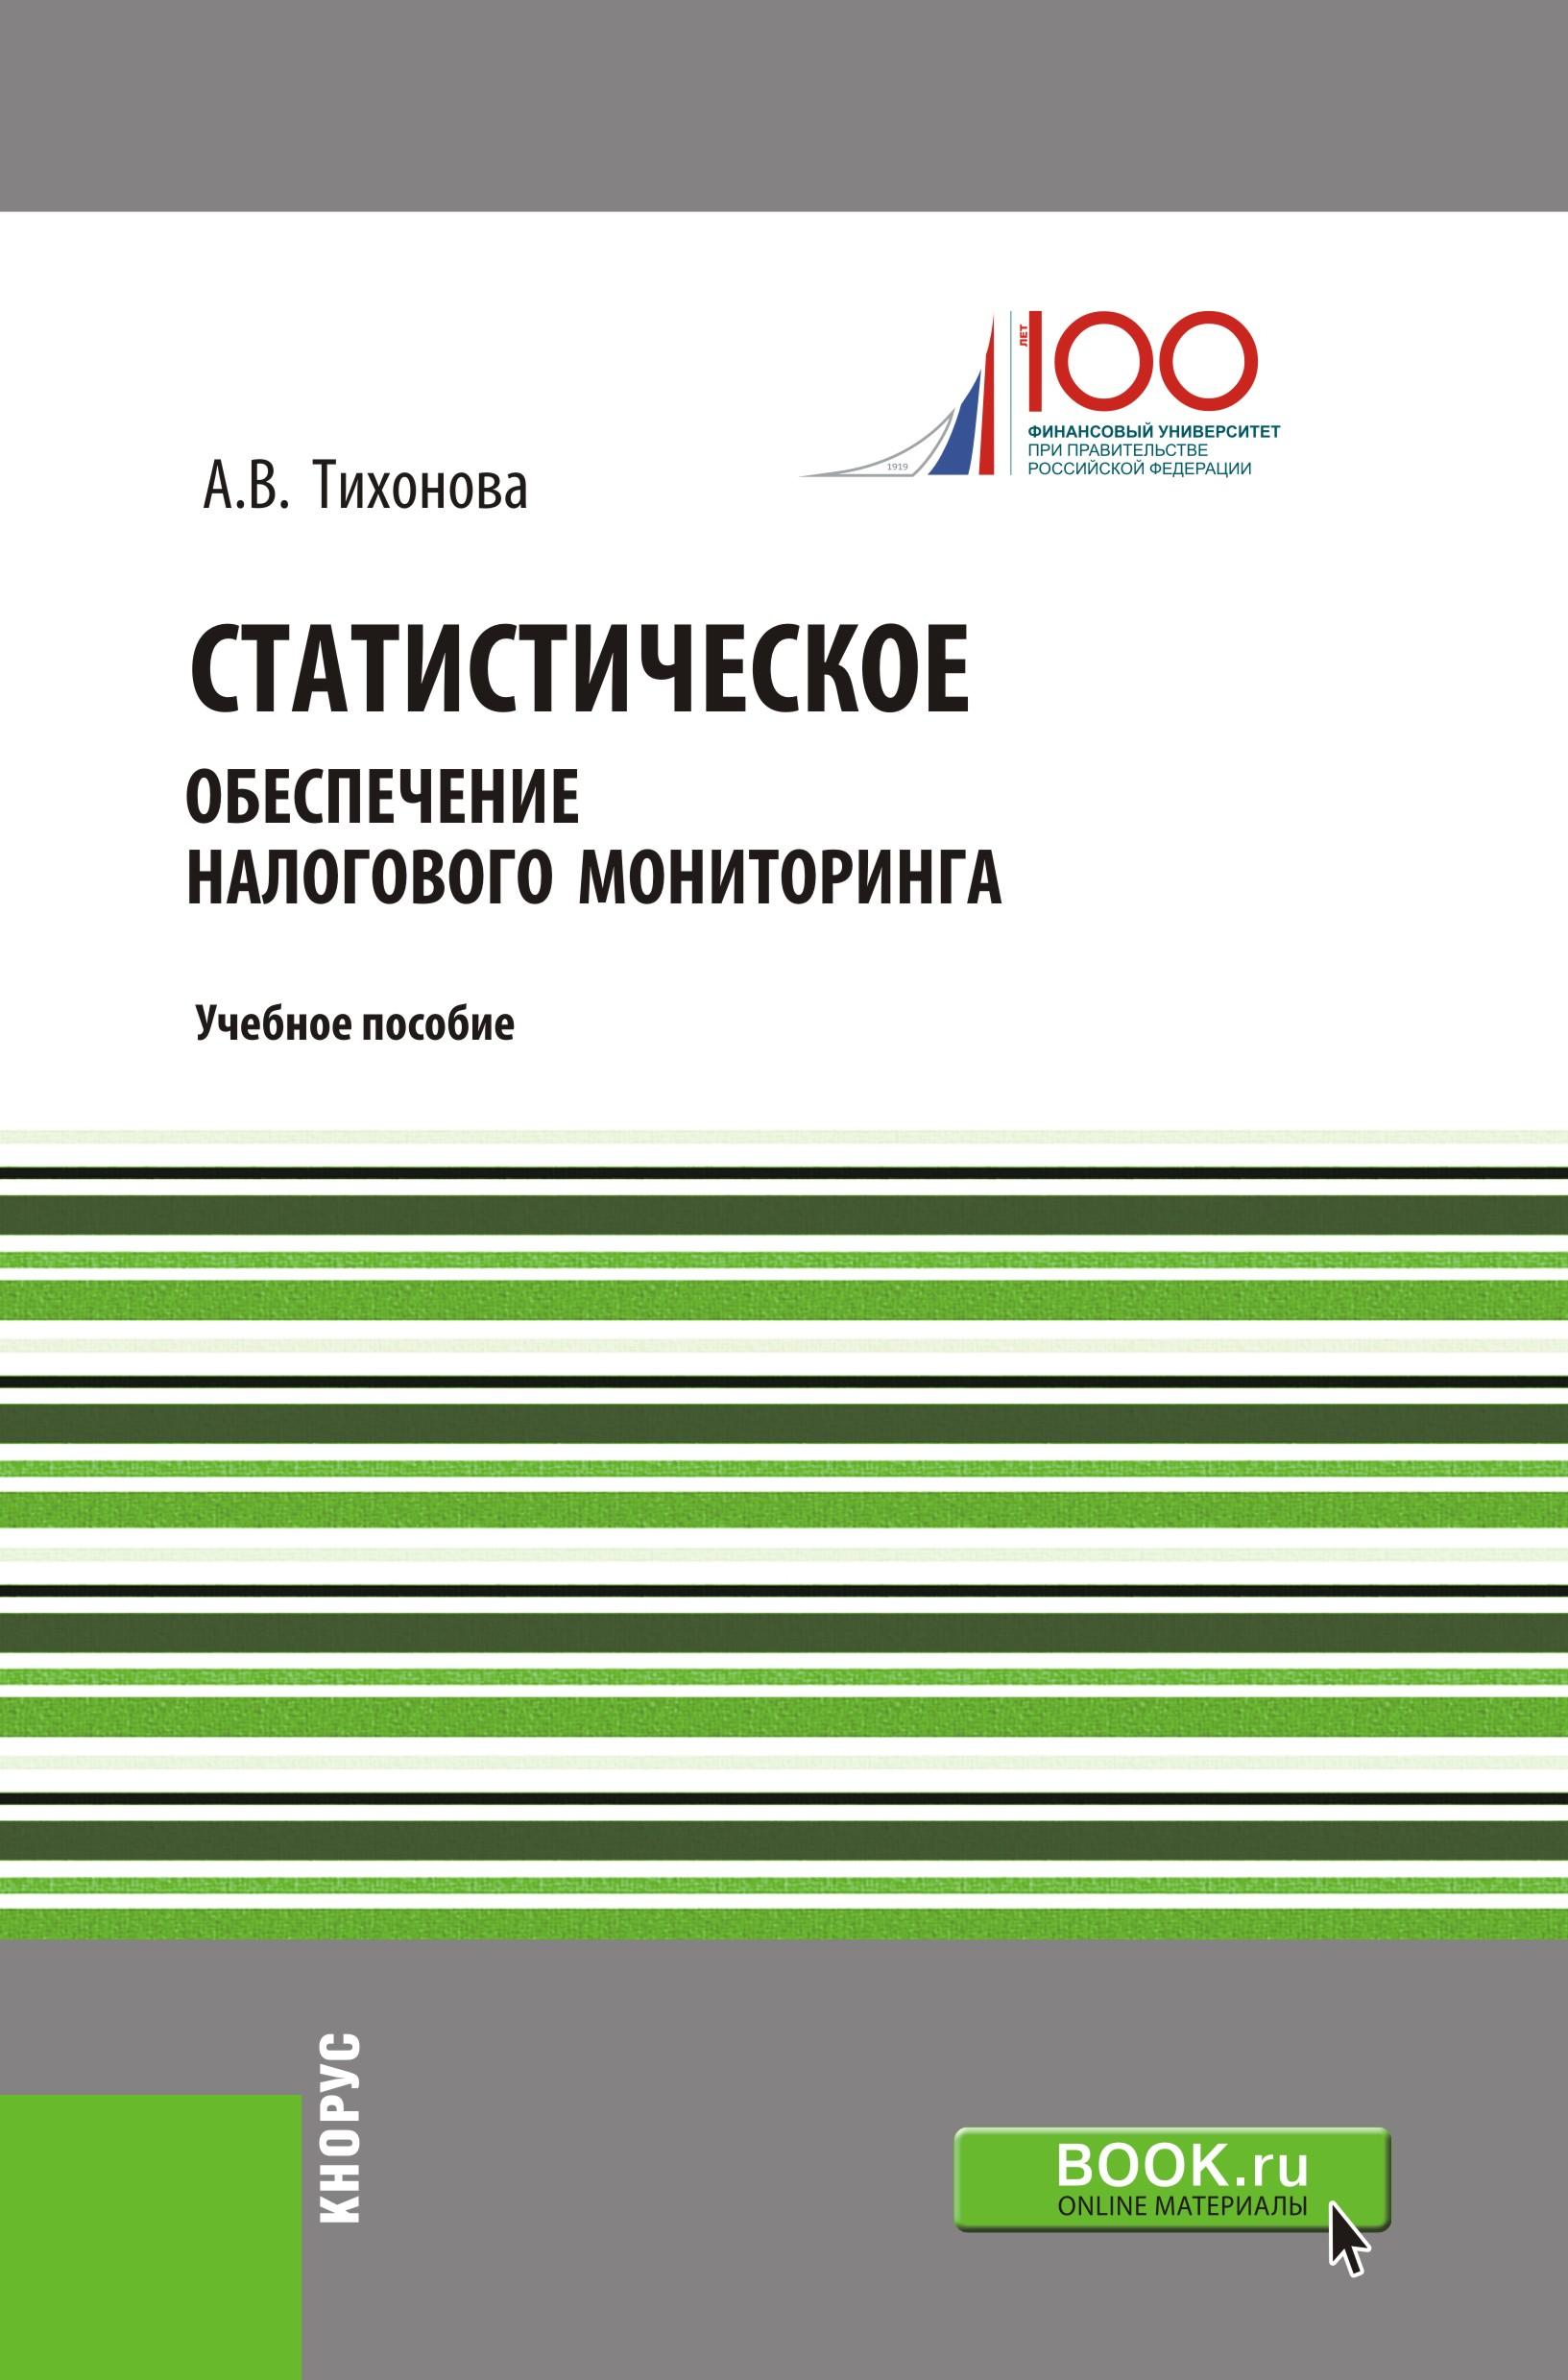 Статистическое обеспечение налогового мониторинга